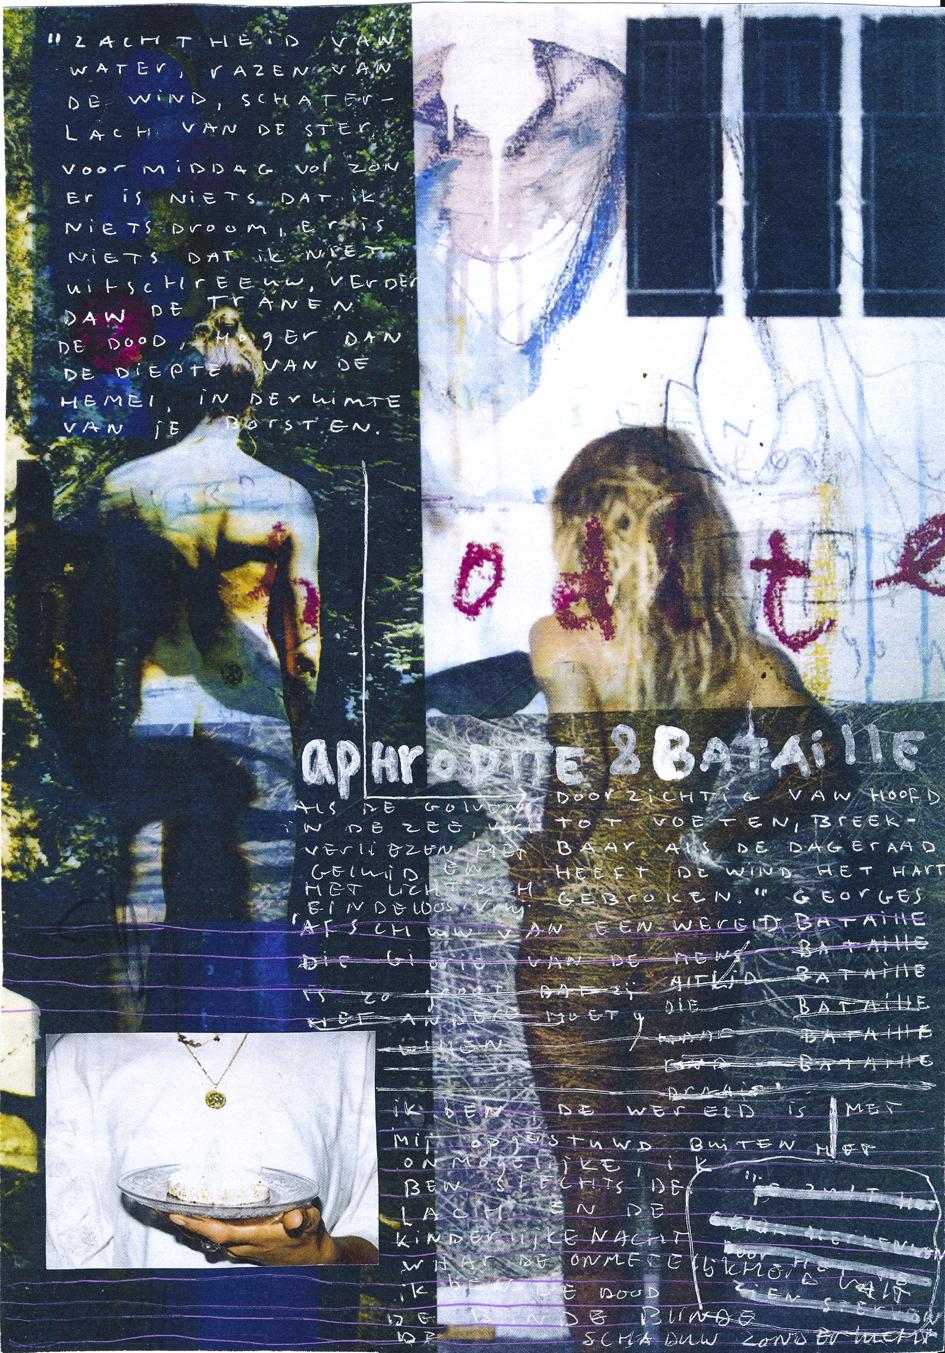 Aphrodite & Bataille_kleinformaat.JPG